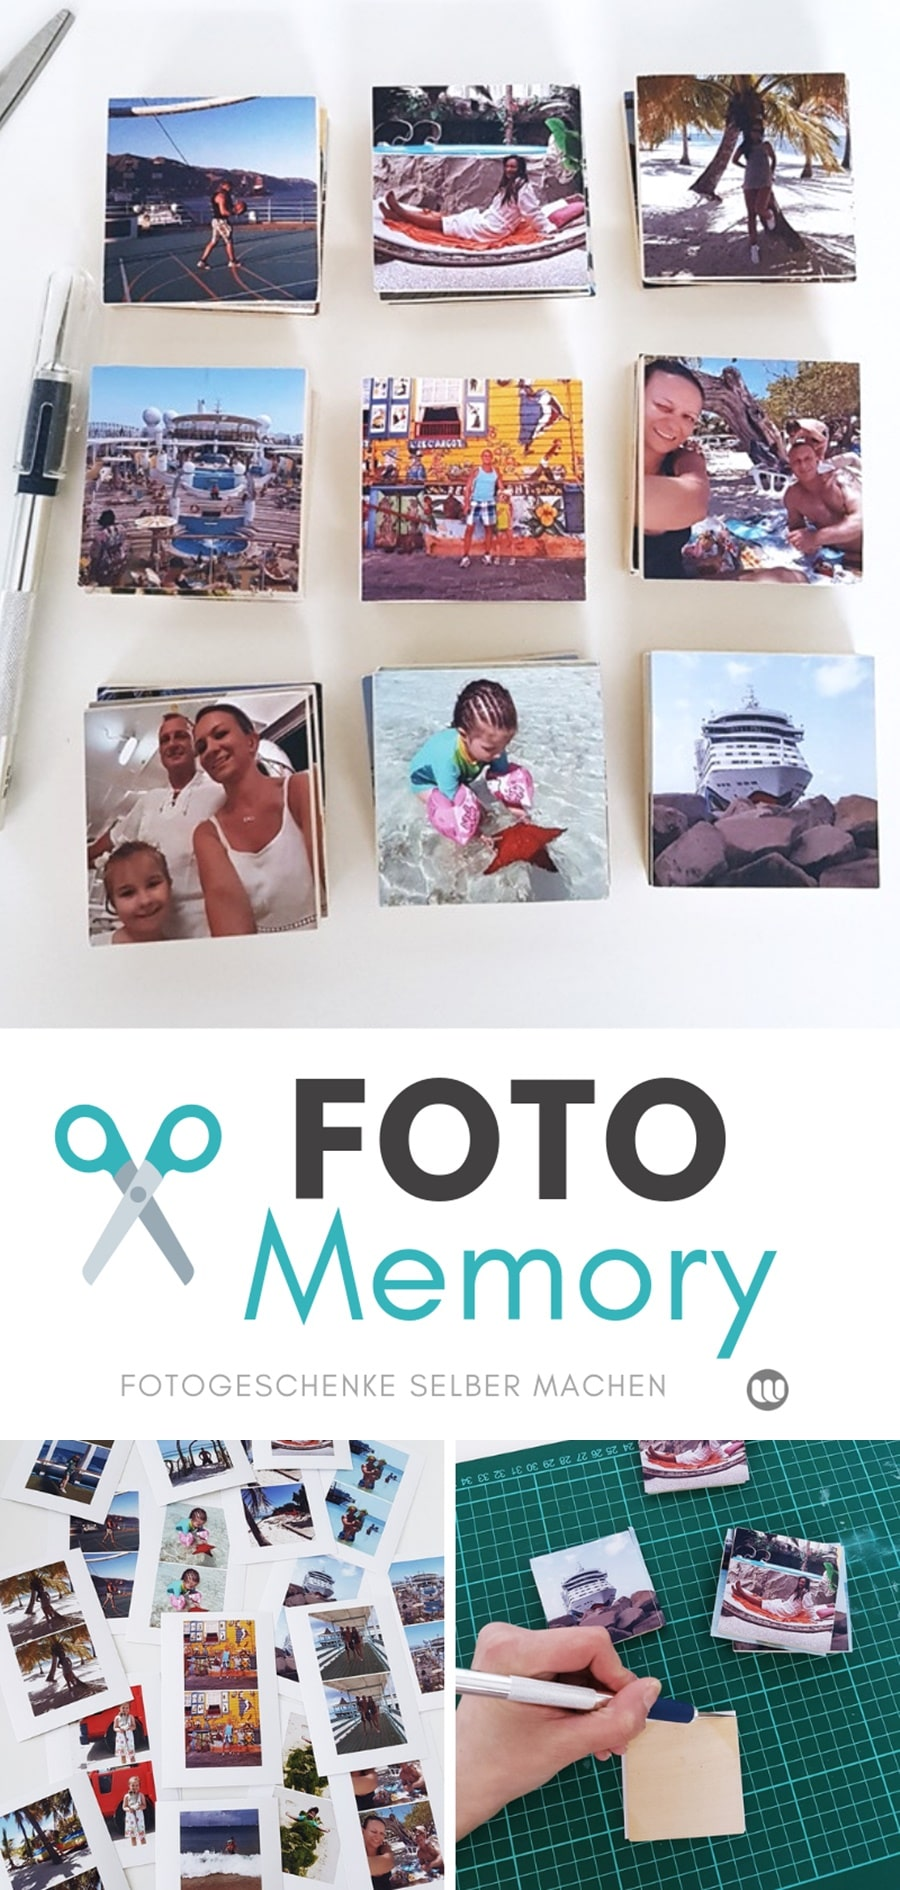 Foto-Memory selbst gestalten: So wirds gemacht